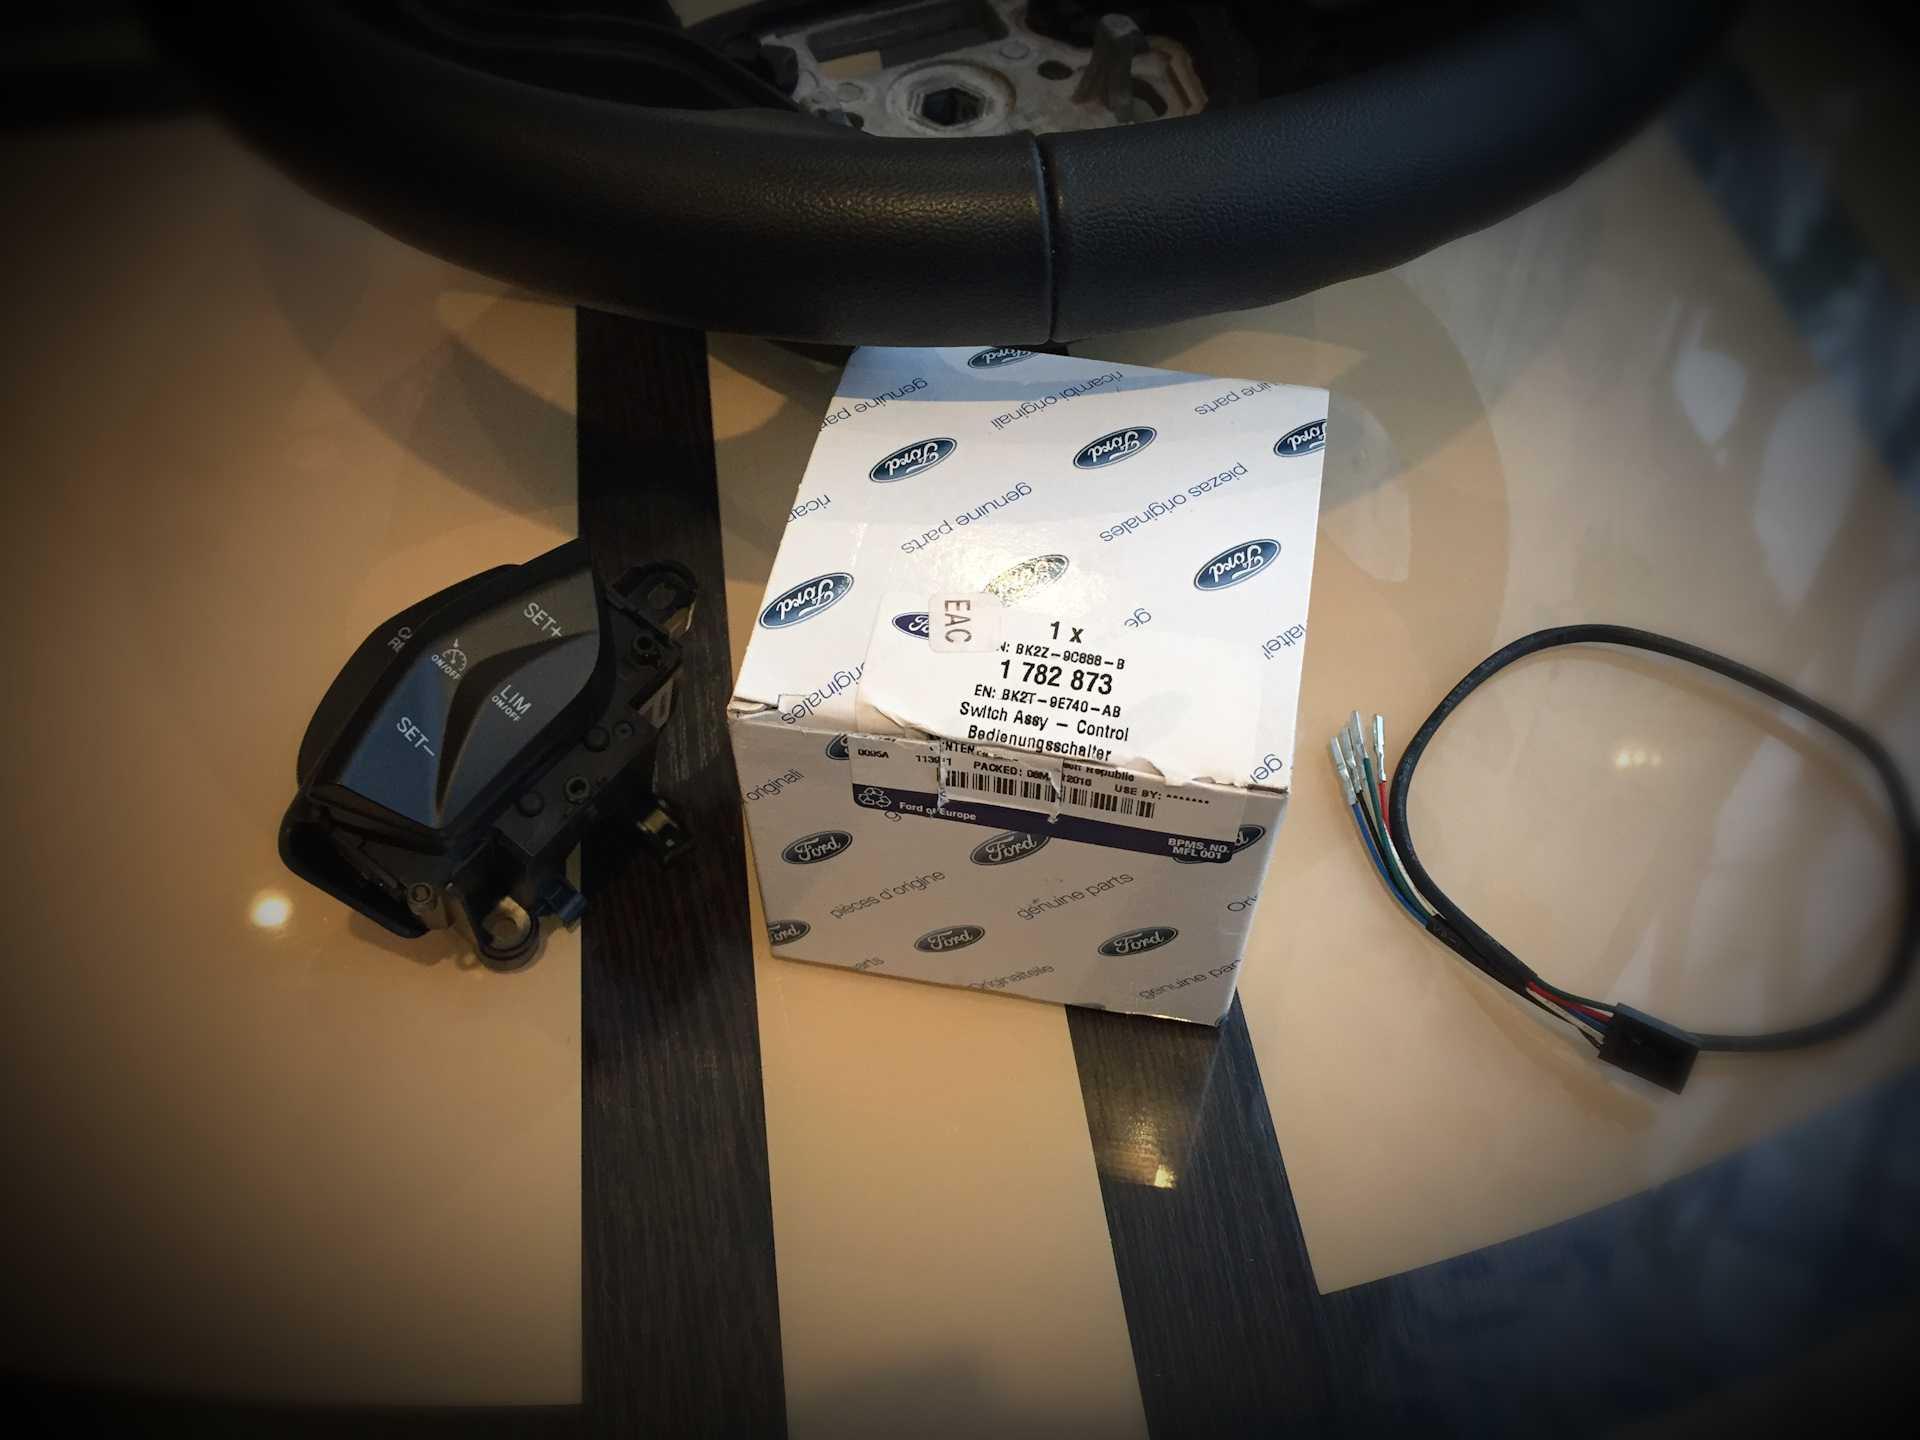 Замена датчика скорости форд фокус 2